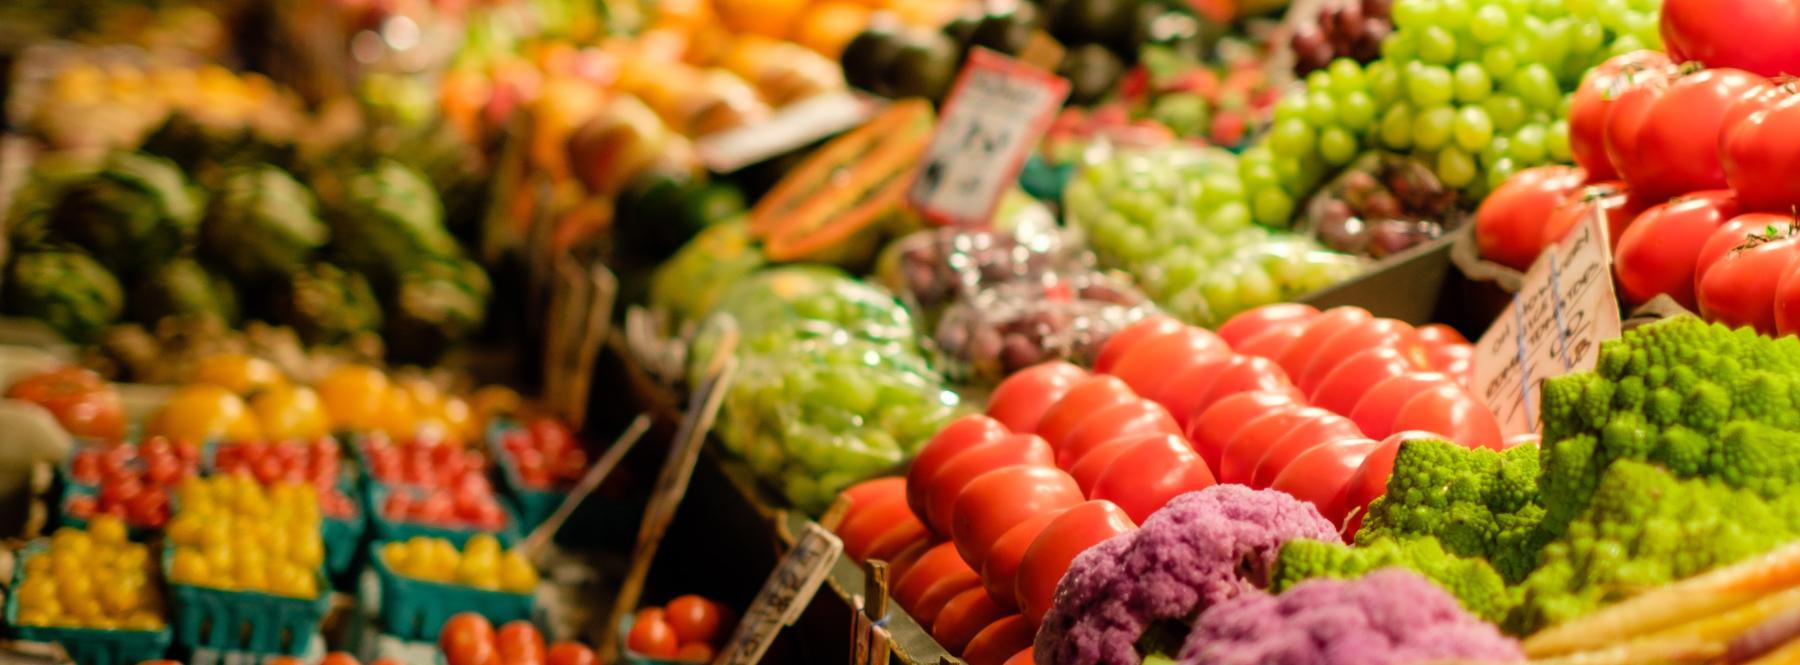 Las compras online y la economía local